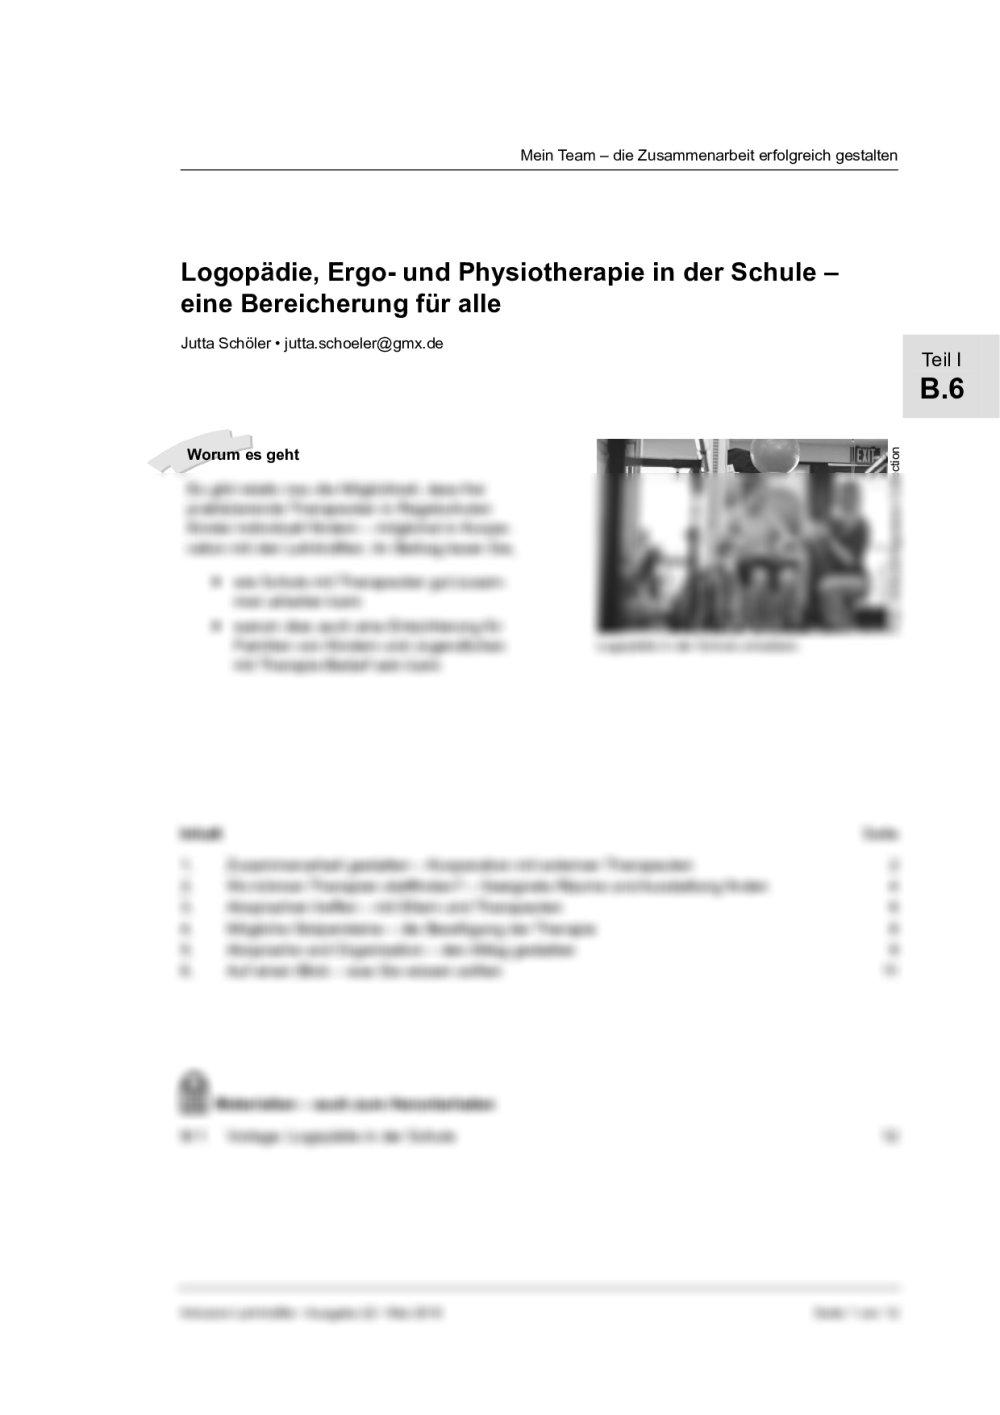 Logopädie, Ergo- und Physiotherapie in der Grundschule - Seite 1